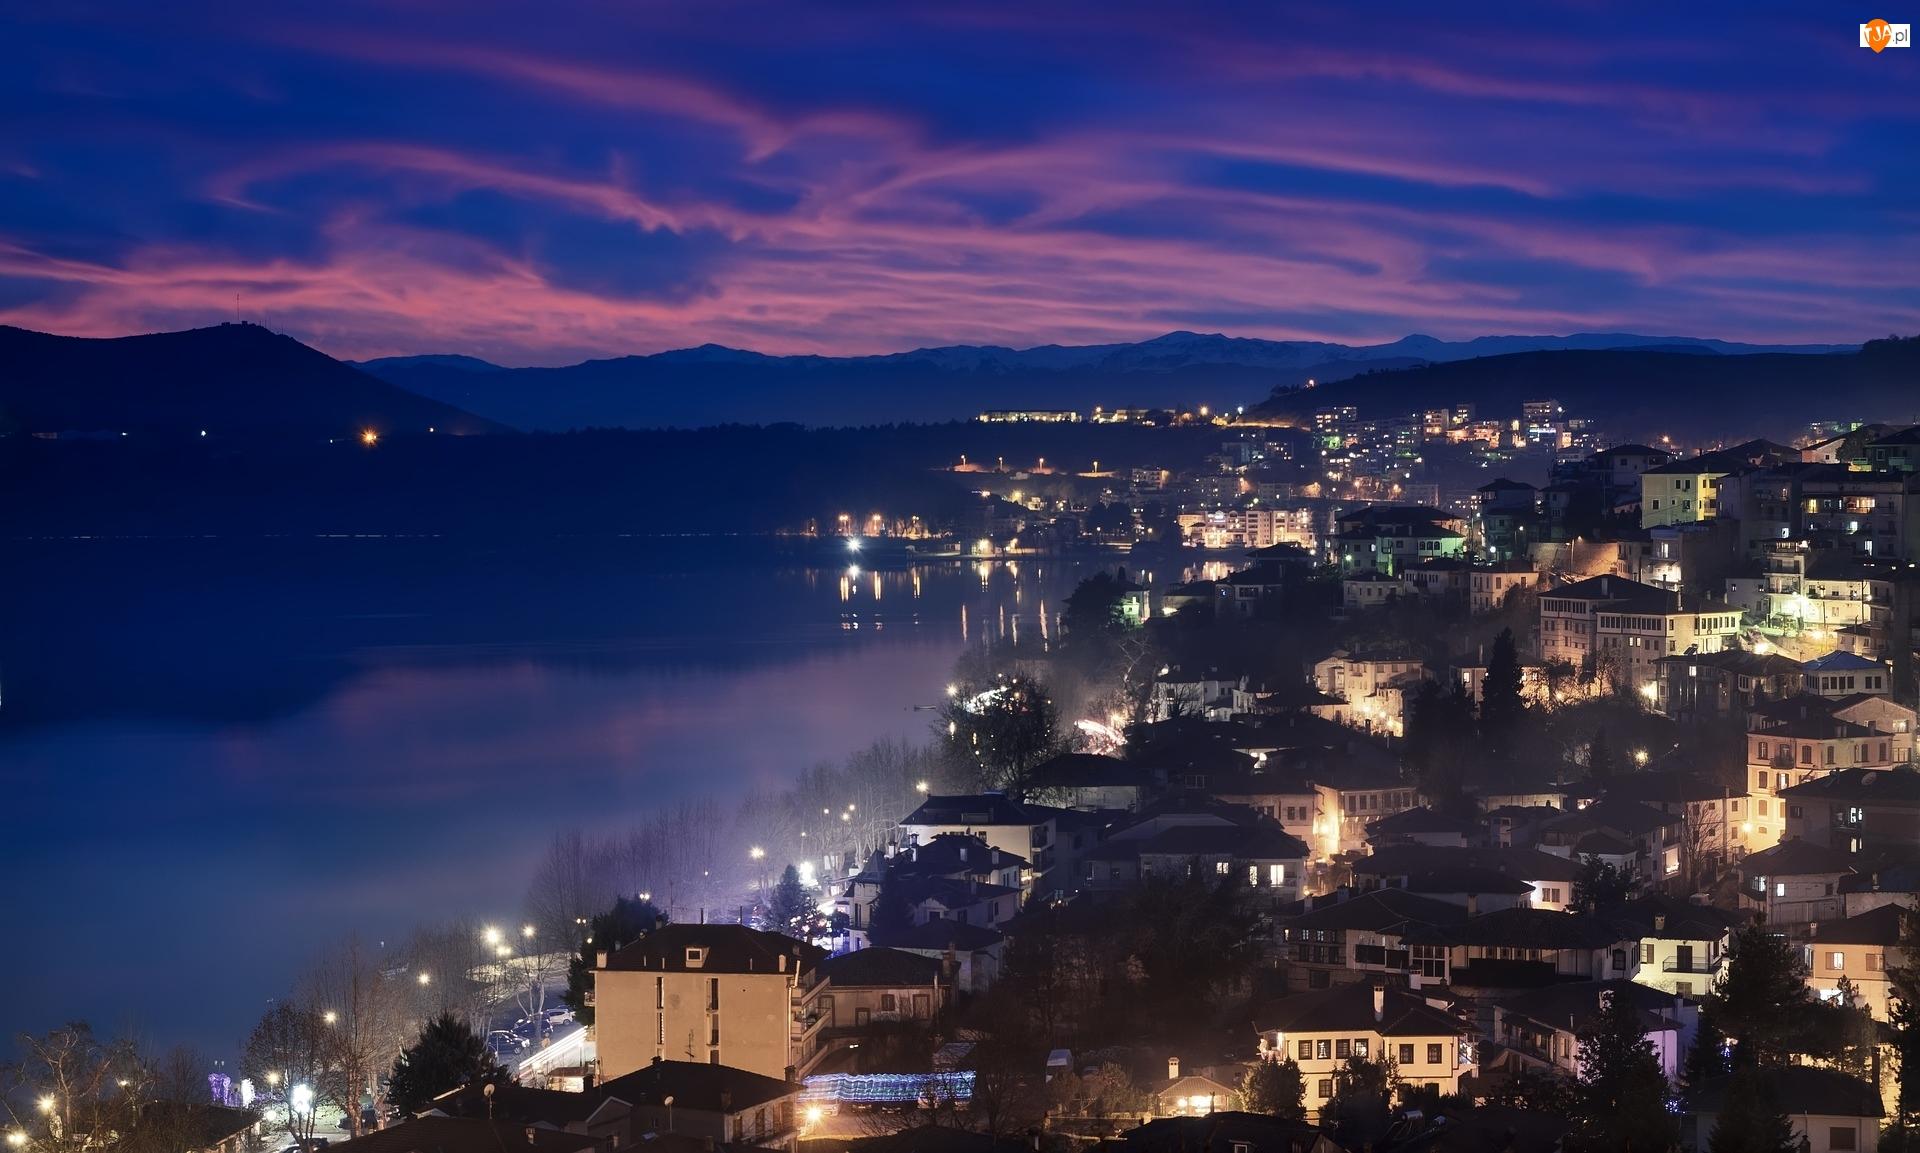 Grecja, Góry, Macedonia Zachodnia, Domy, Kastoria, Zmierzch, Zachód słońca, Jezioro Kastoria, Oświetlone